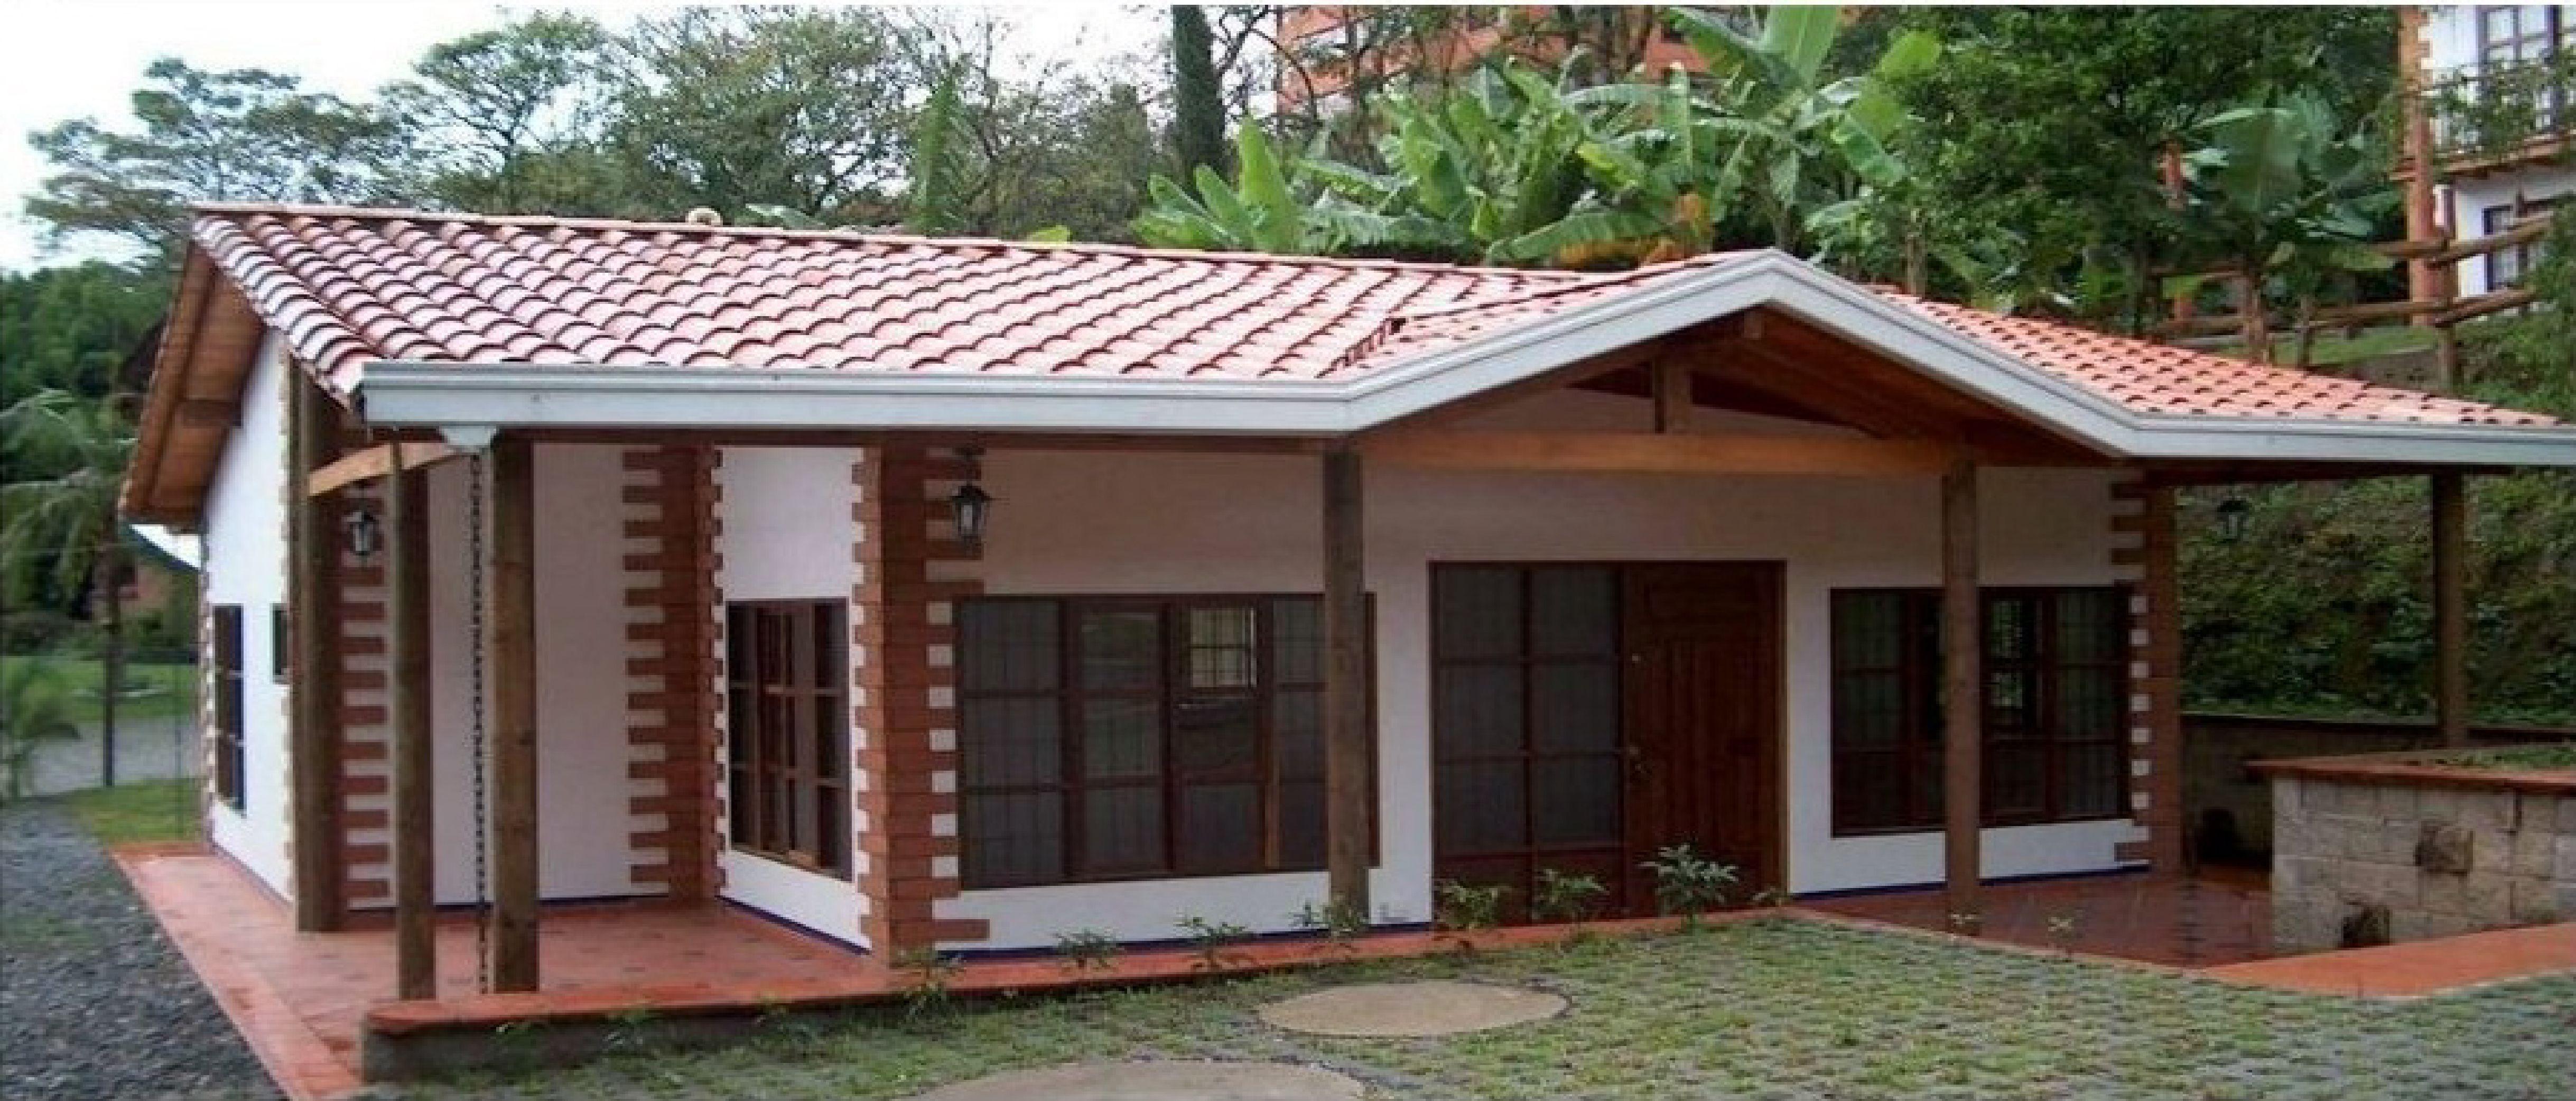 Resultado de imagen para casas prefabricadas medellin tipo for Modelos de fincas campestres